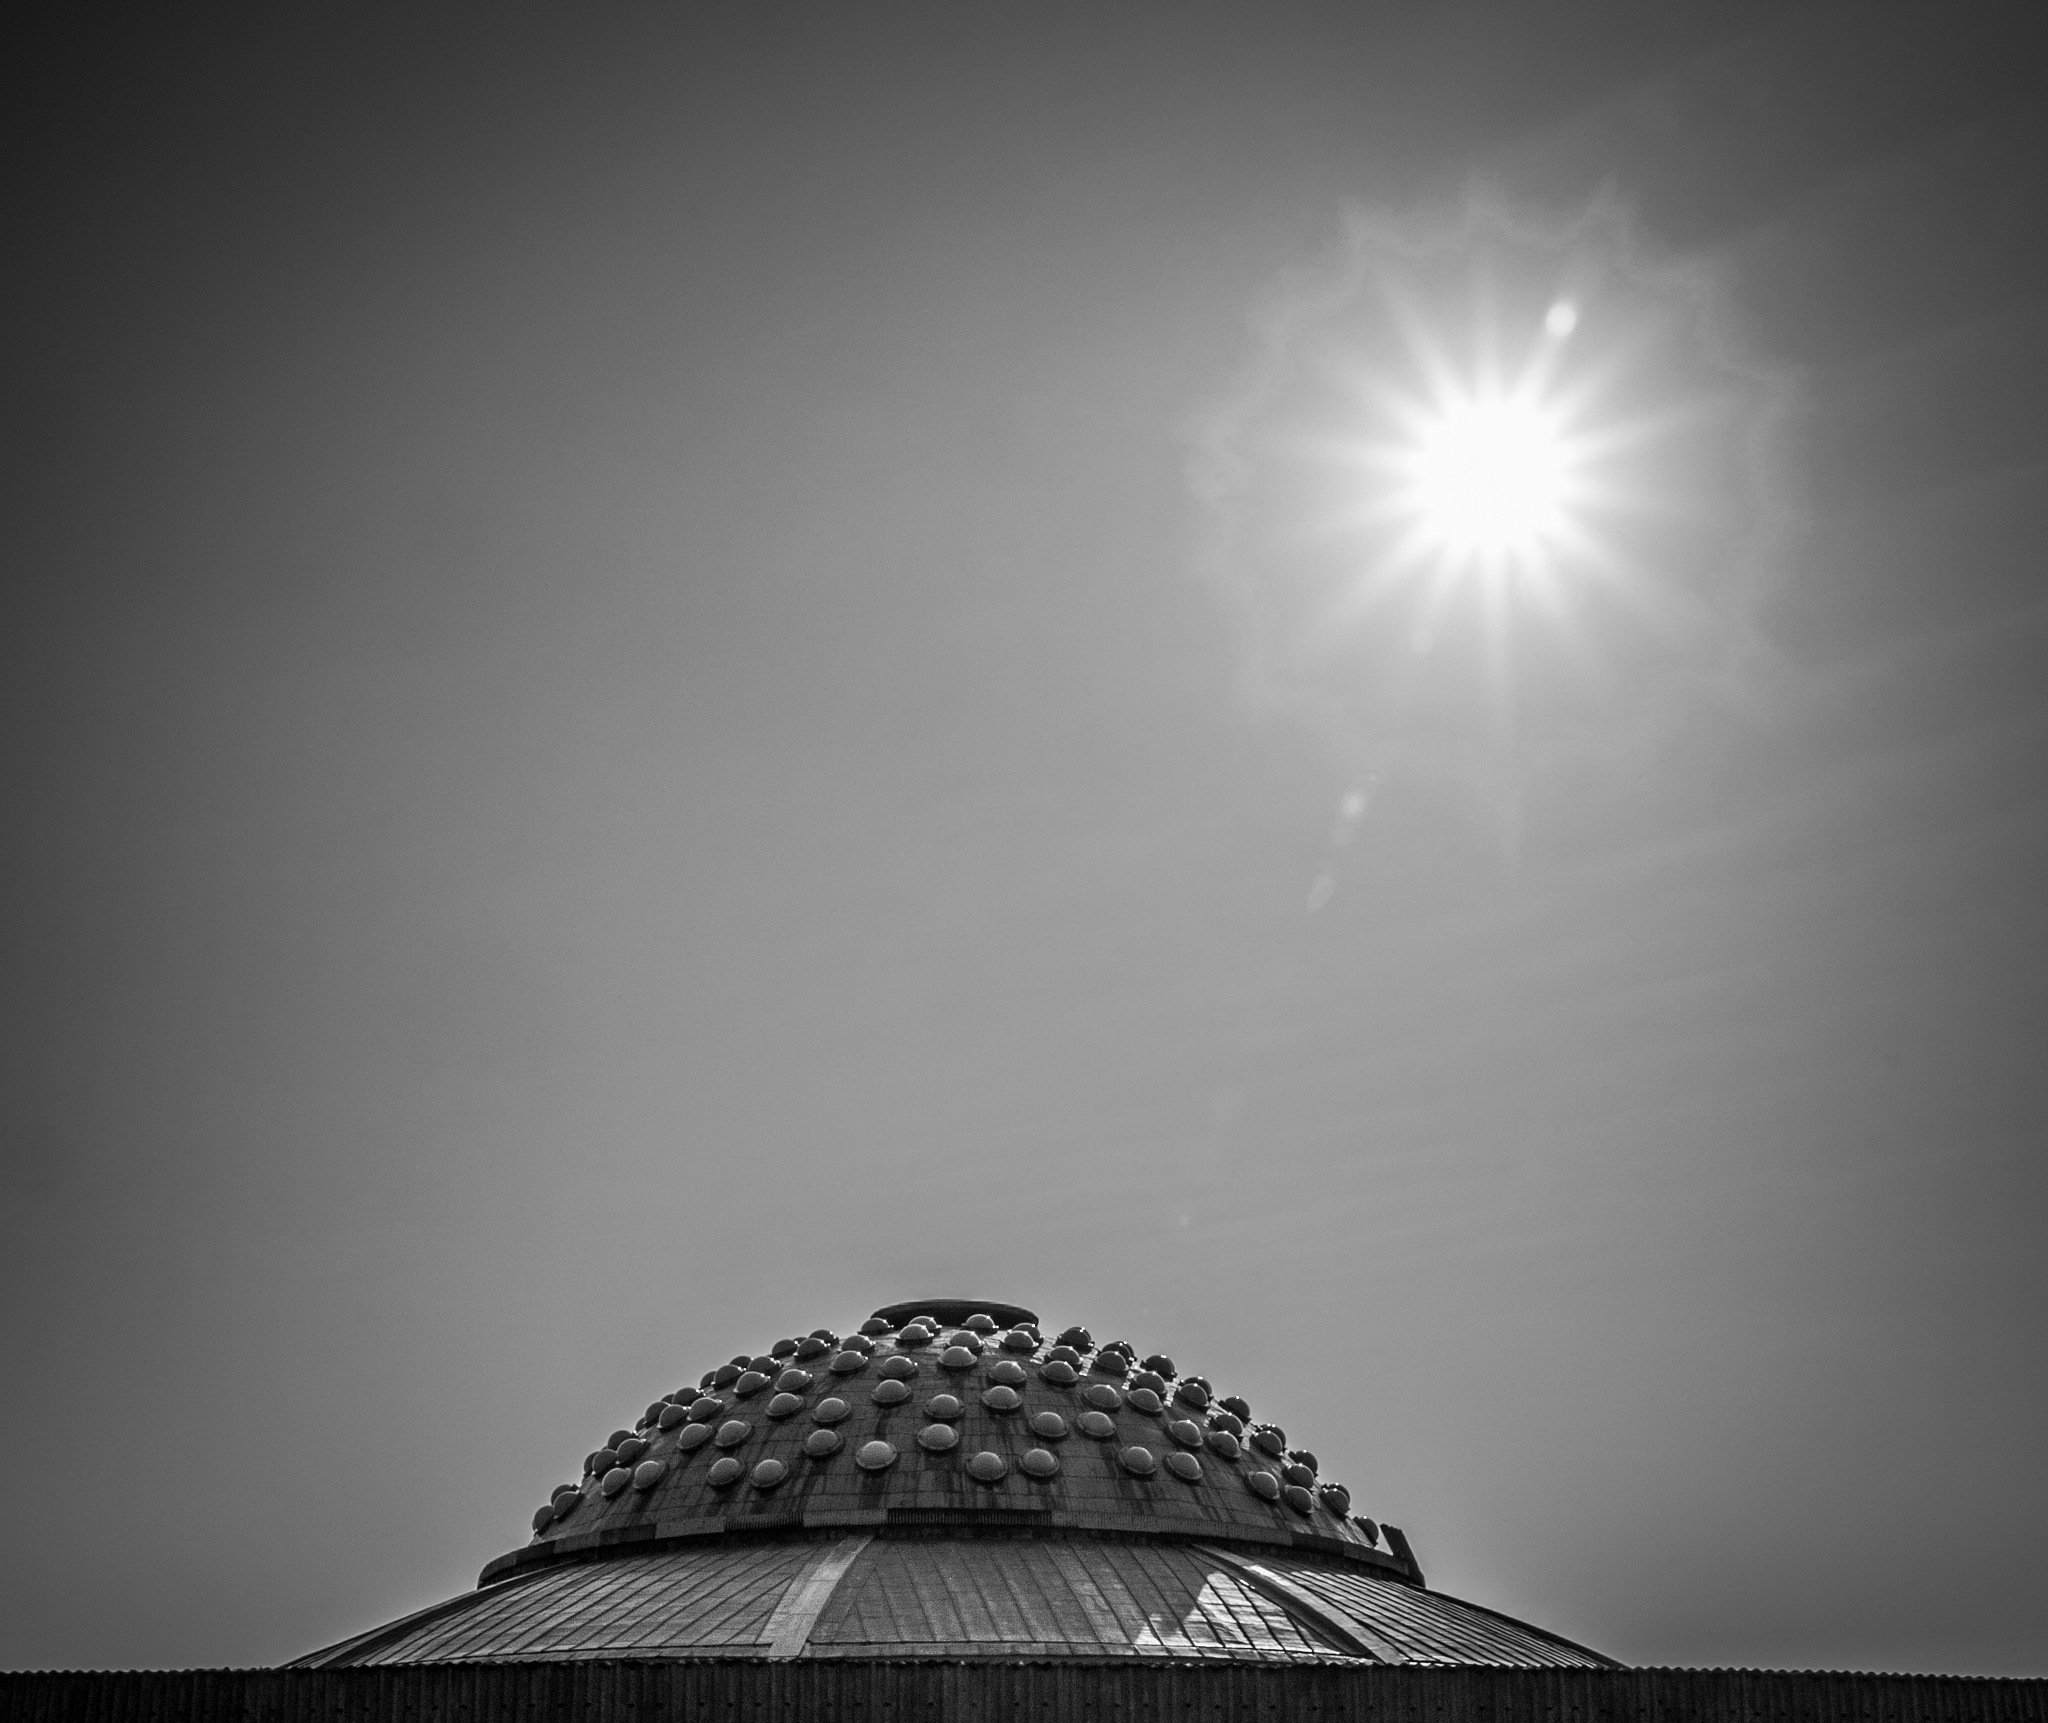 sun is falling down by Marcin Majkowski